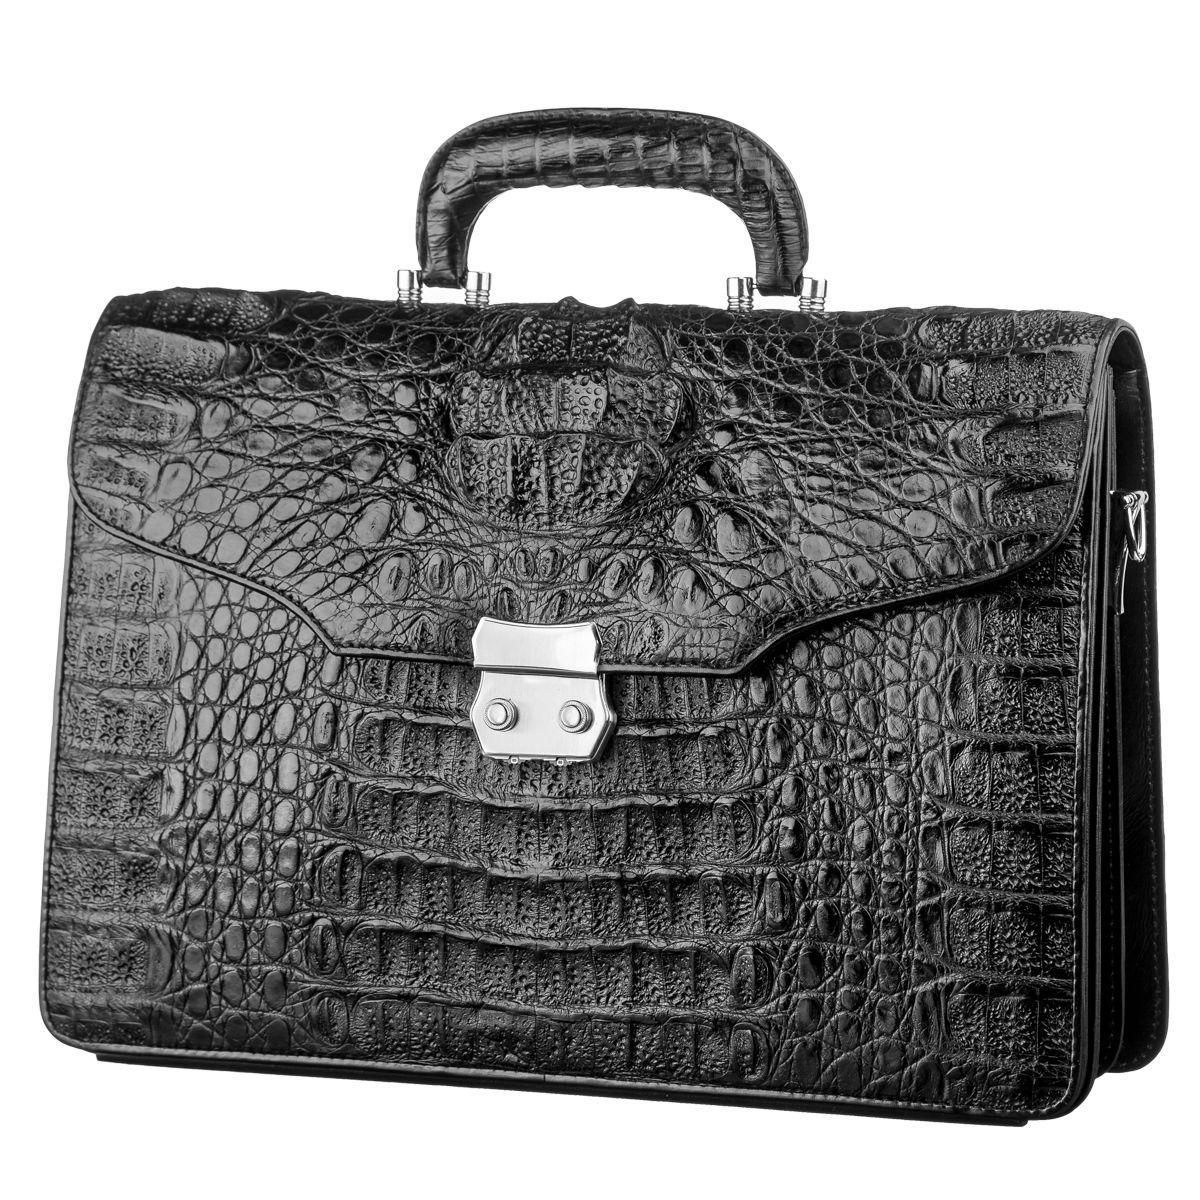 Портфель CROCODILE LEATHER 18048 из натуральной кожи крокодила Черный